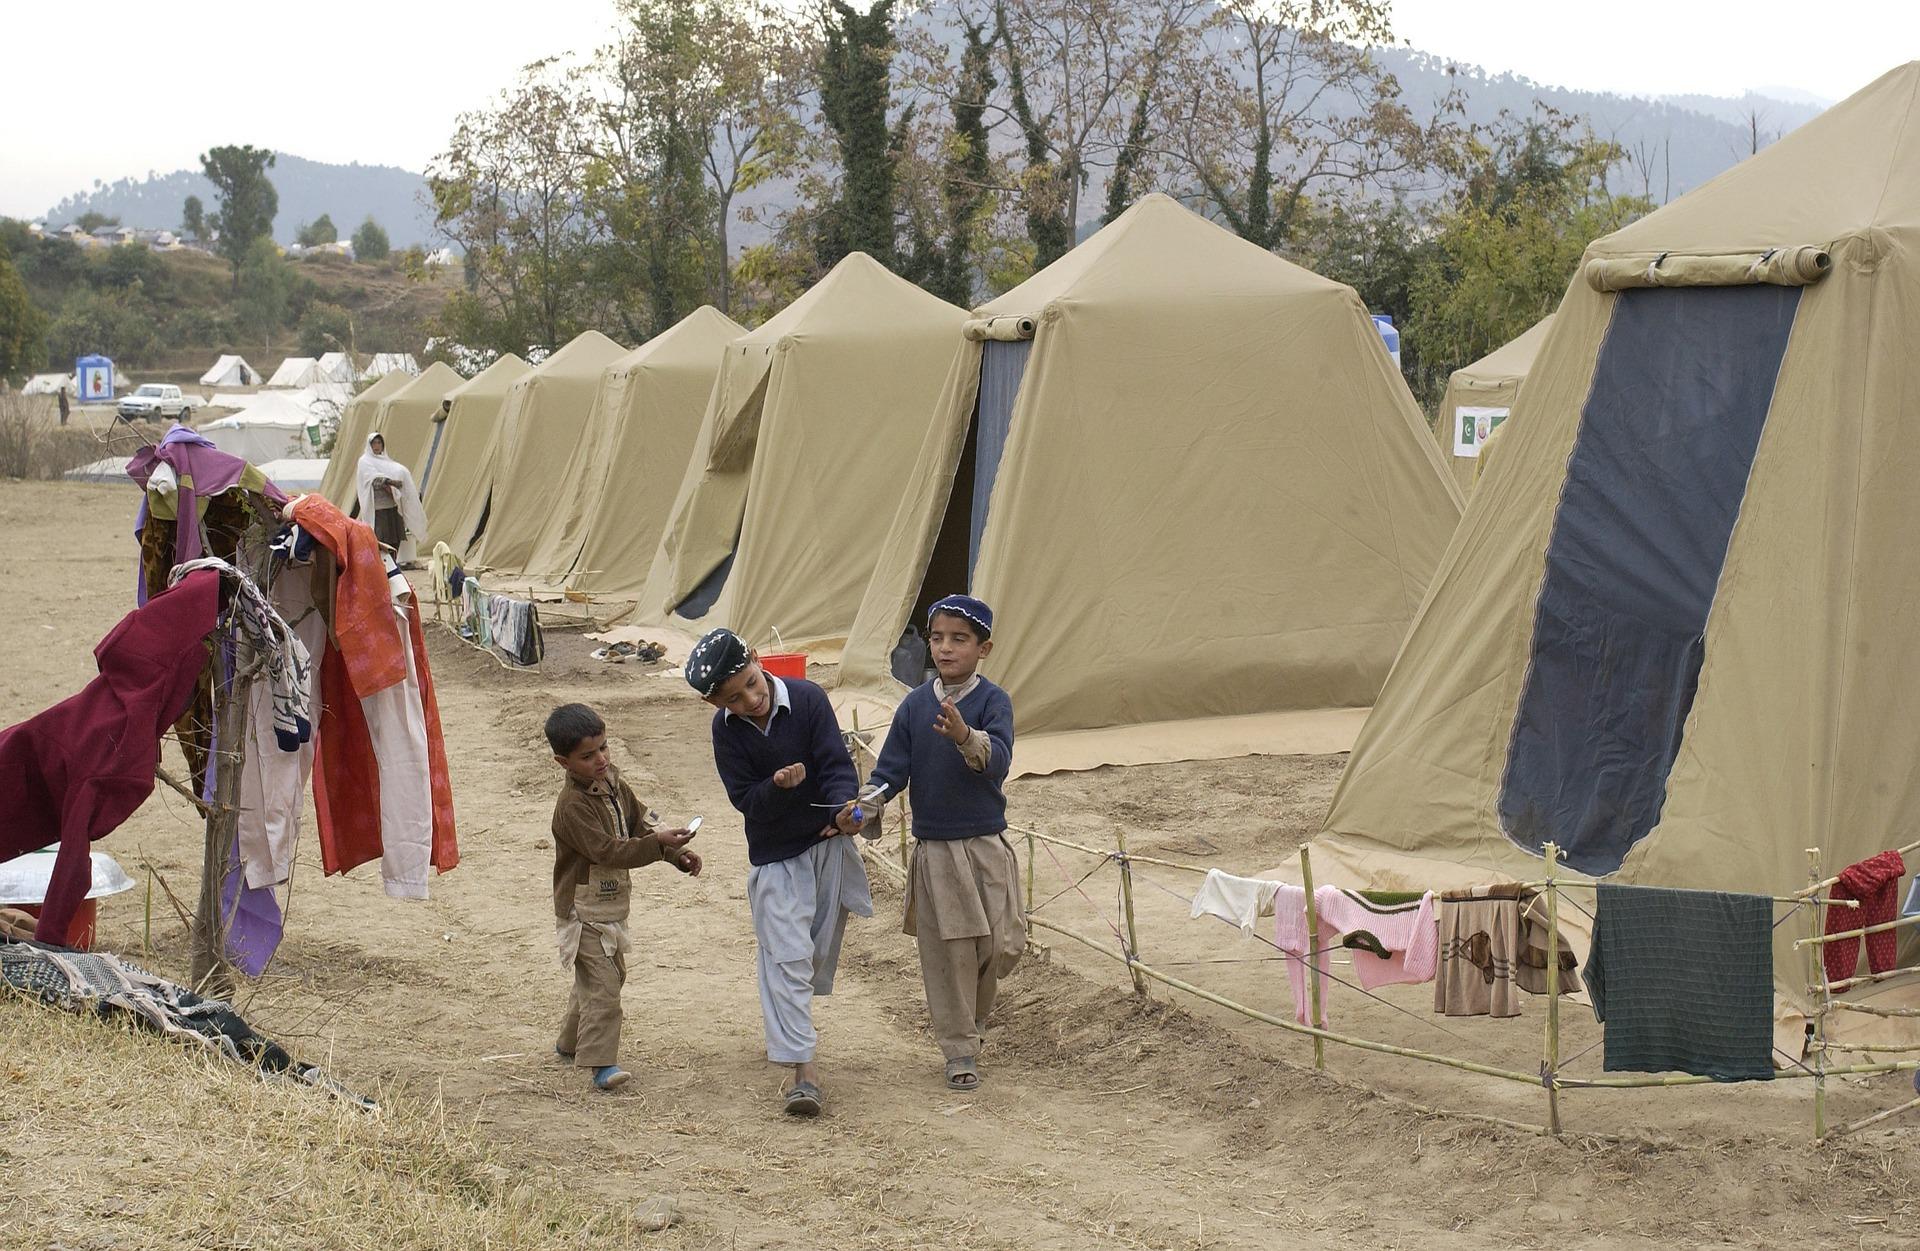 D'ici la fin de la décennie, il pourrait y avoir plus de 50 millions de réfugiés climatiques dans le monde. Le Haut-Commissariat des Nations Unies pour les Réfugiés (UNHCR) agit pour protéger les droits des réfugiés.  - Photo :  Pixabay